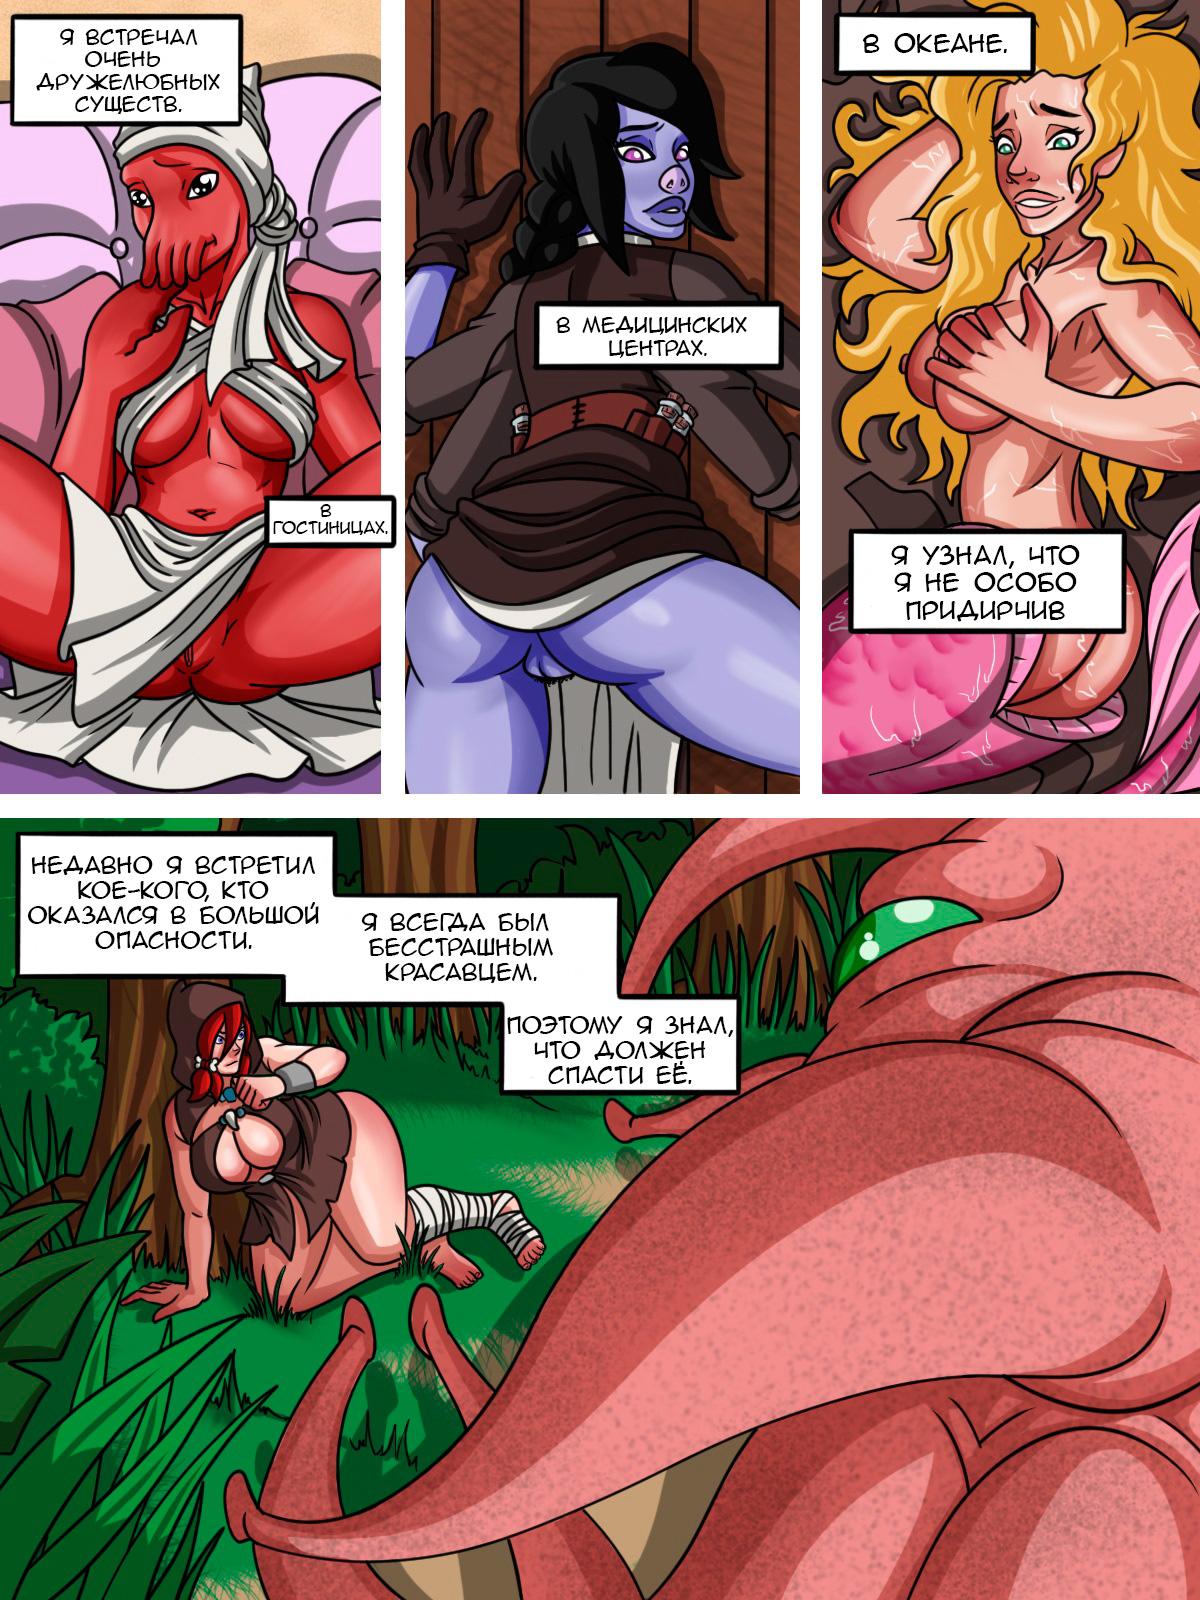 Сну-сну - порно комиксы Без цензуры, Большая грудь, Большая попа, Большие члены, Порно комиксы